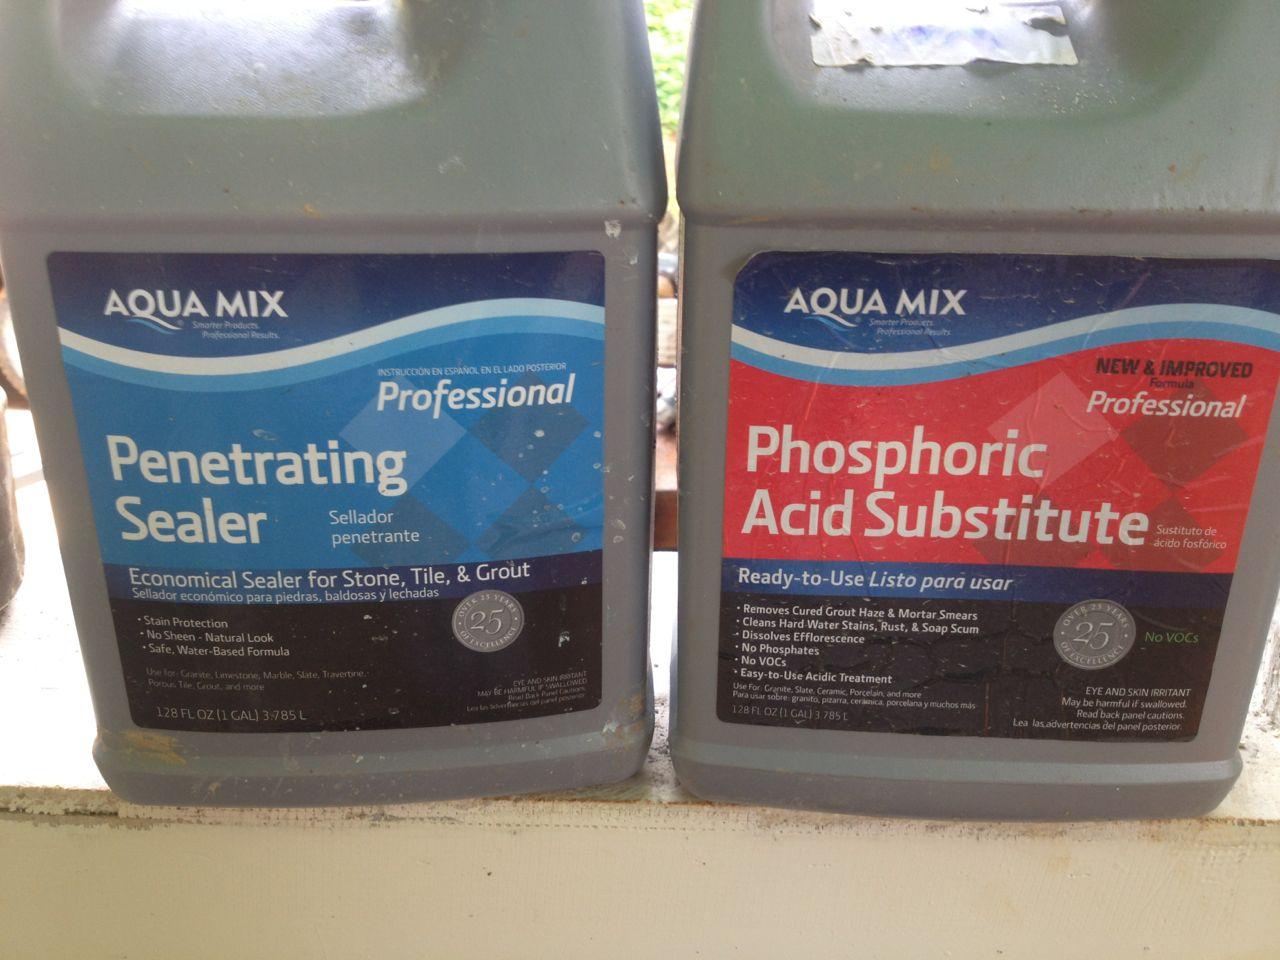 Aqua Mix